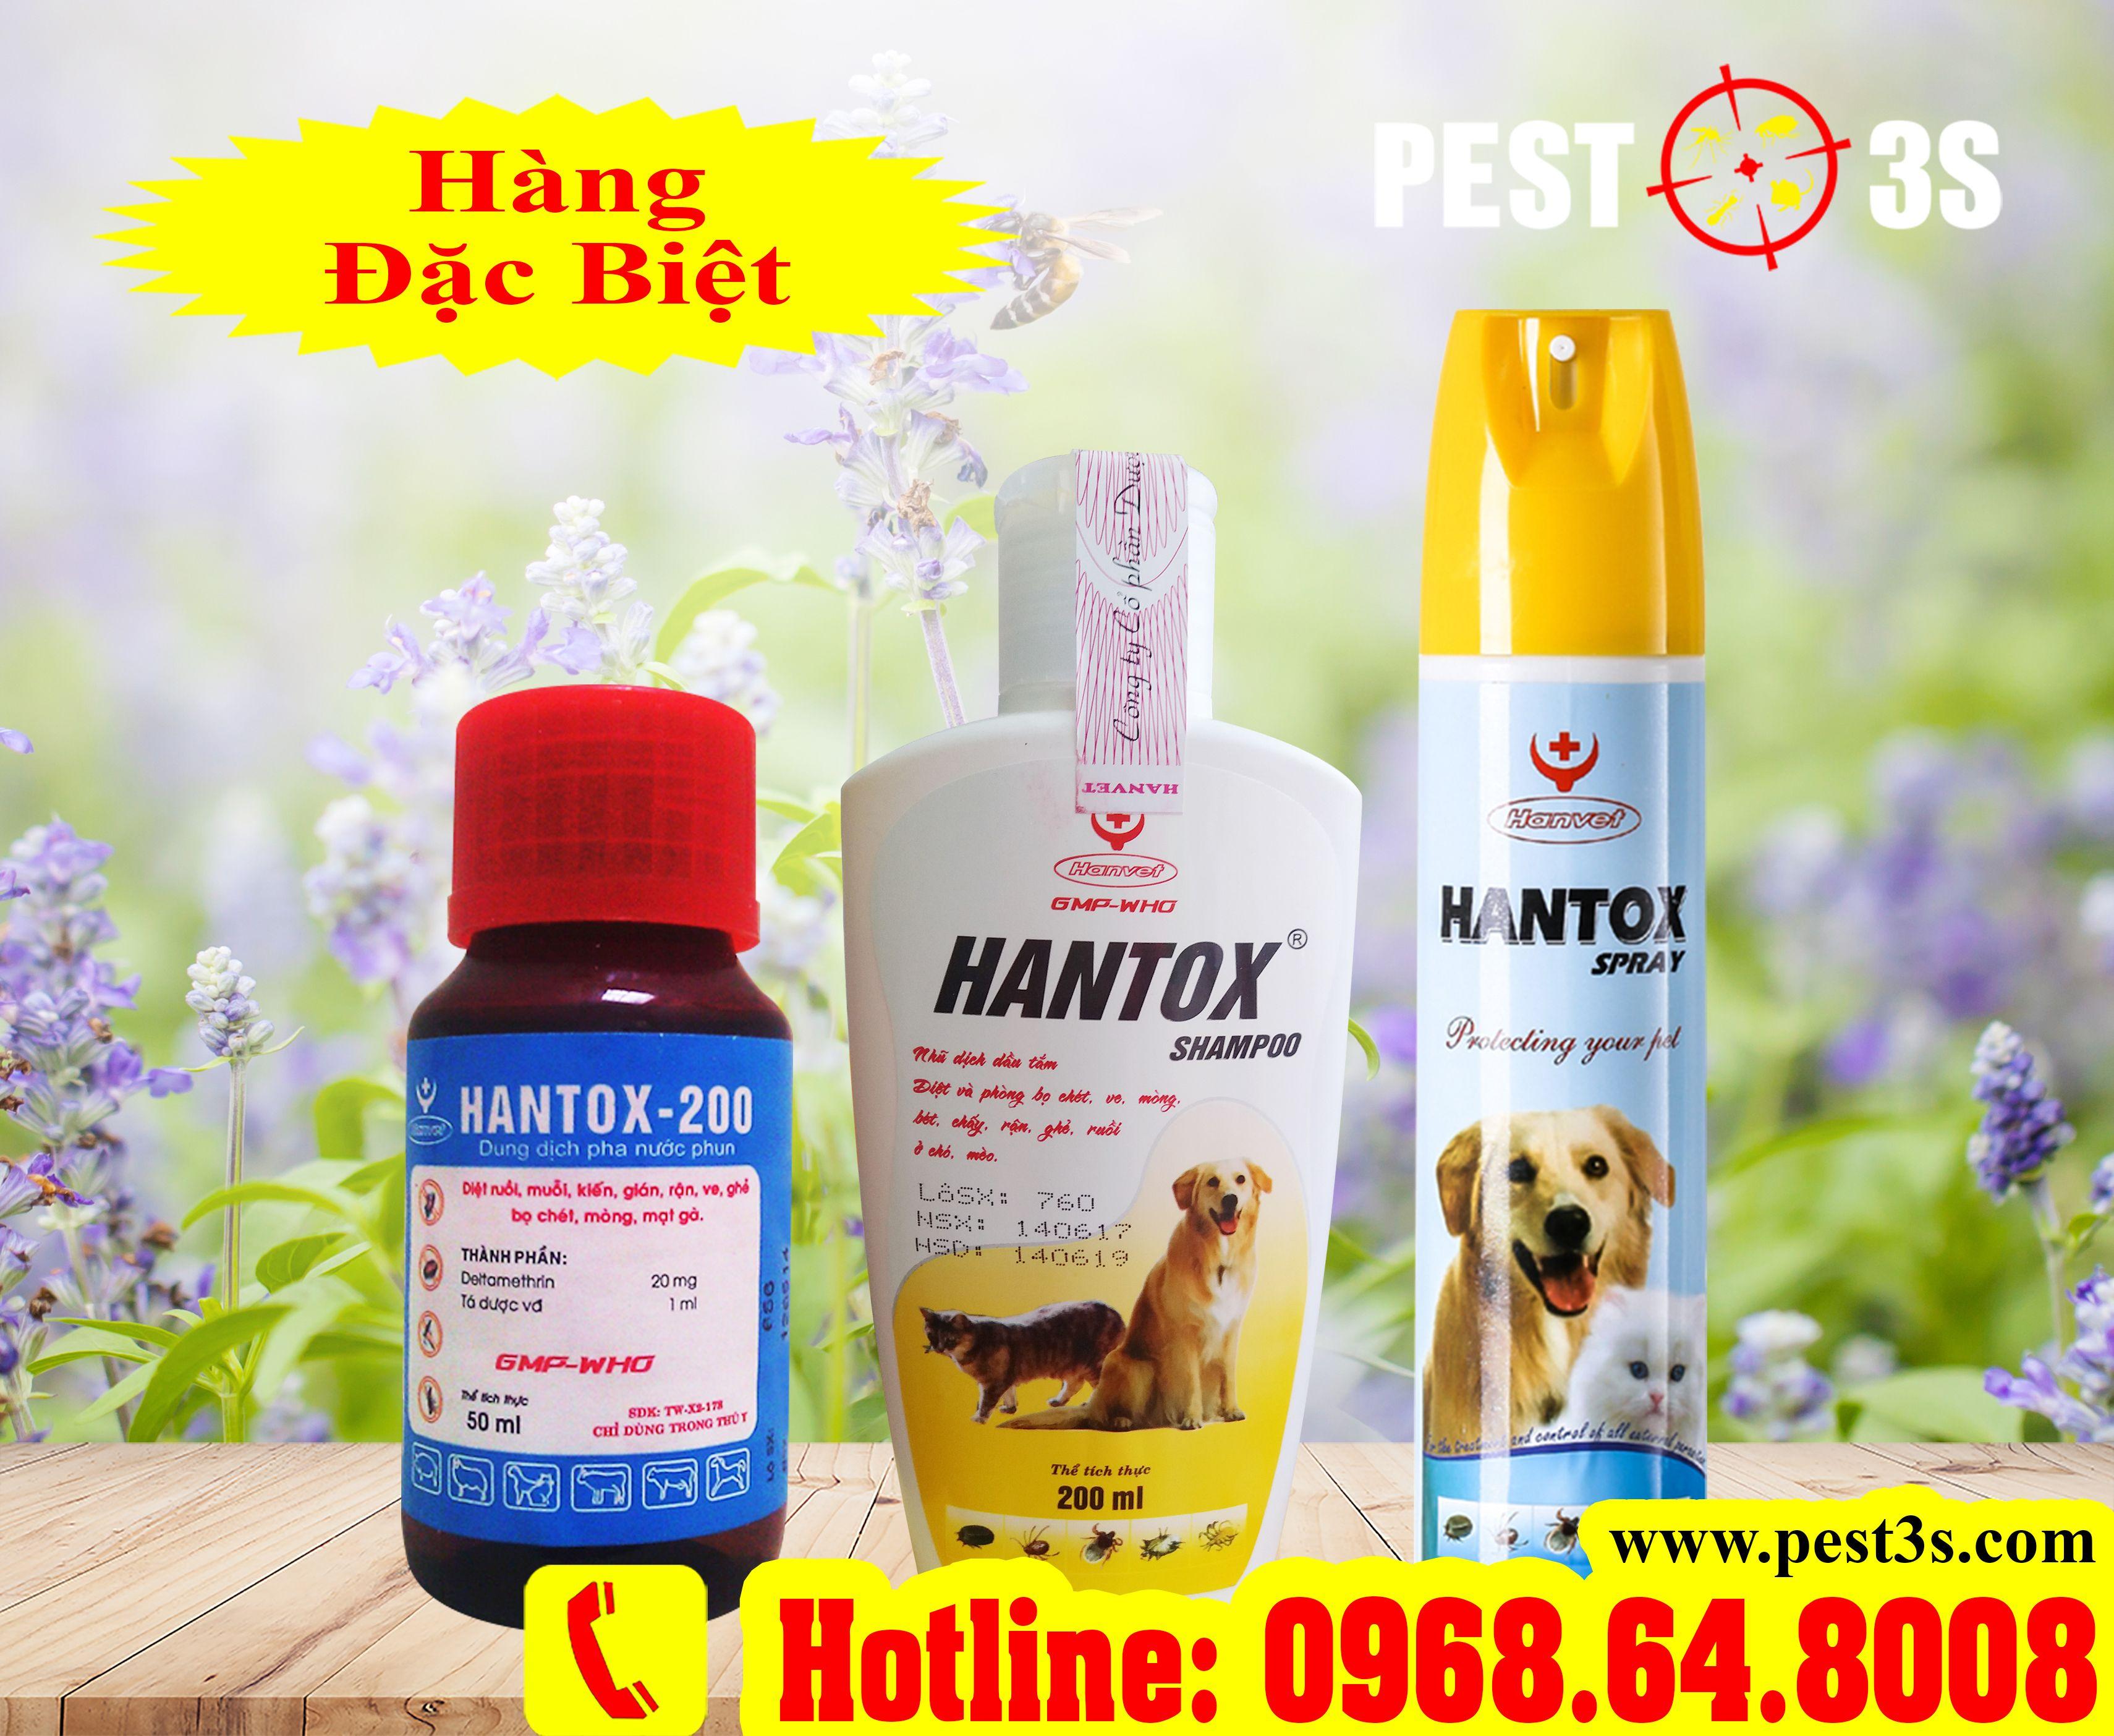 Nhận dạng và cách sử dụng thuốc Hantox